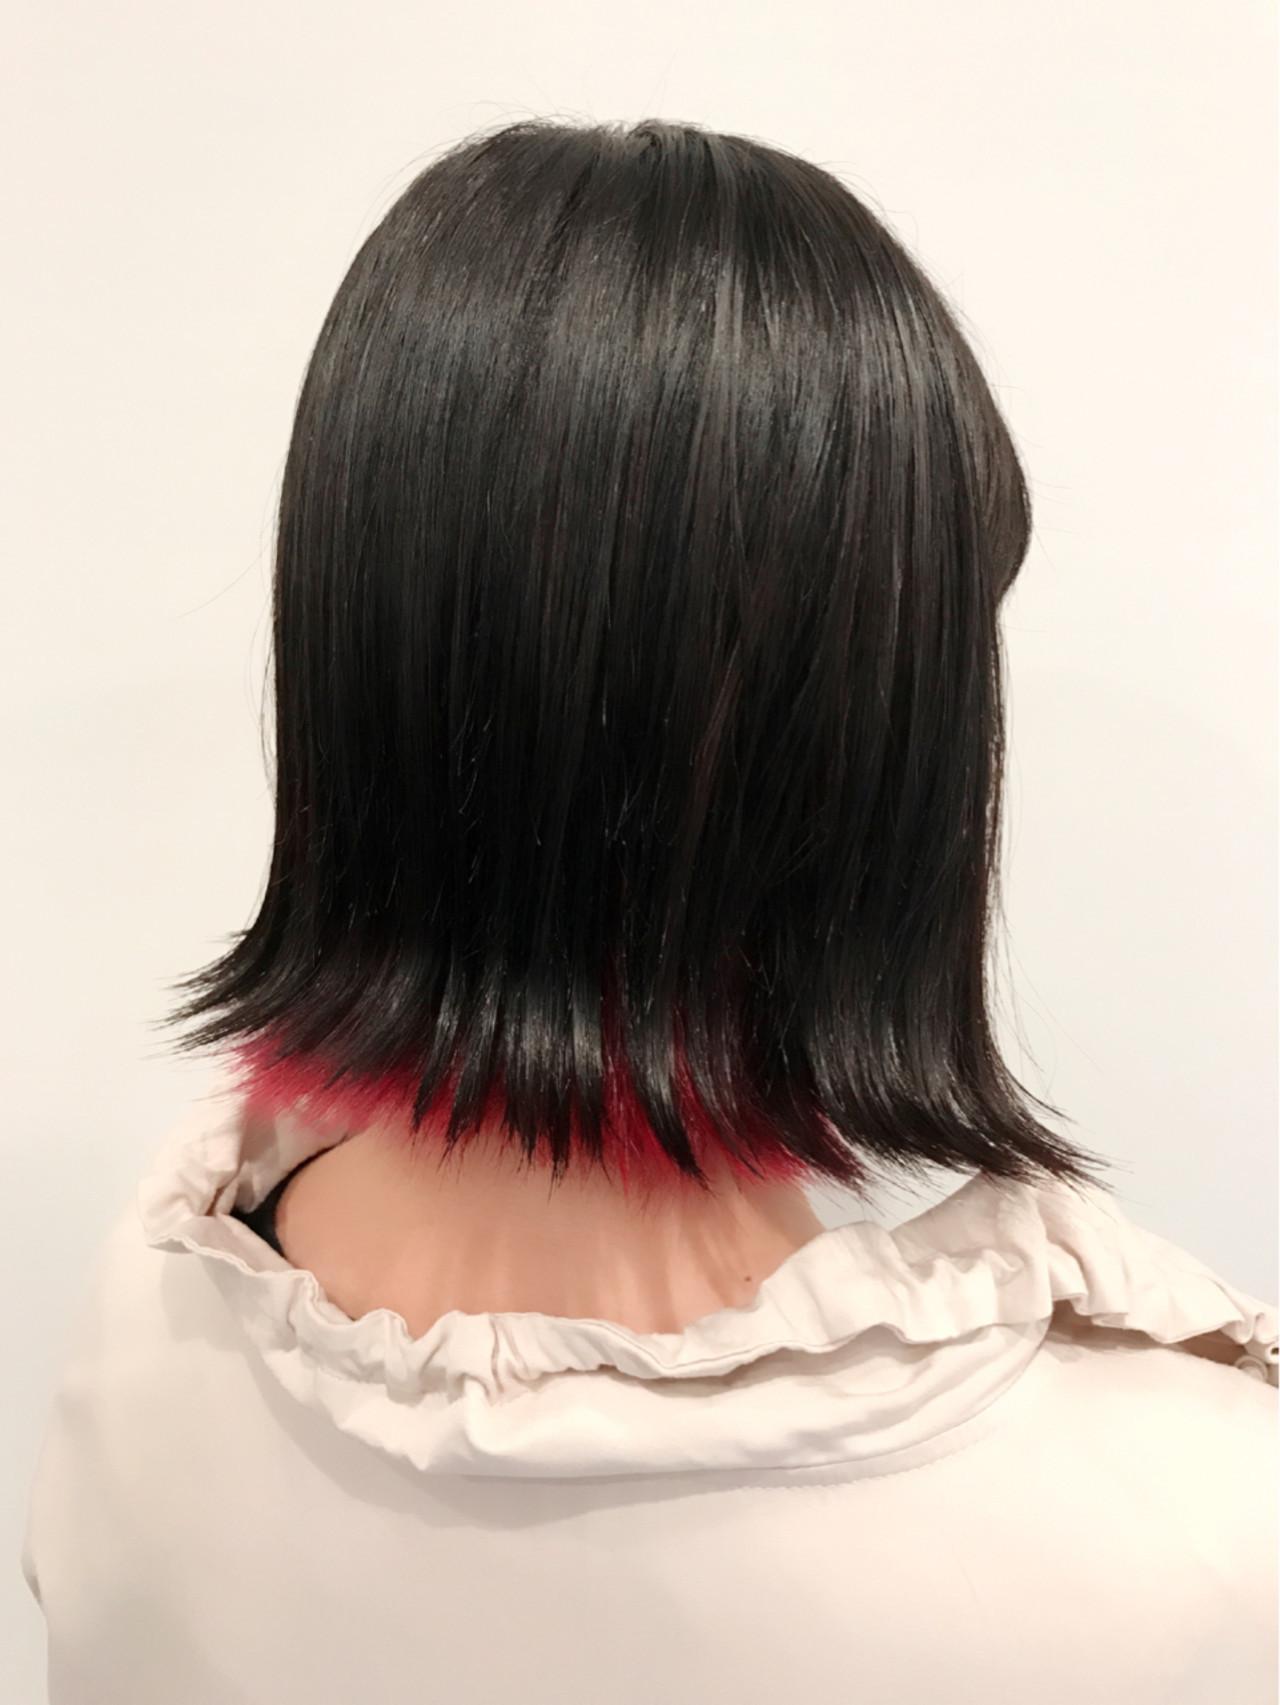 インナーカラー レッド ピンク 外ハネ ヘアスタイルや髪型の写真・画像